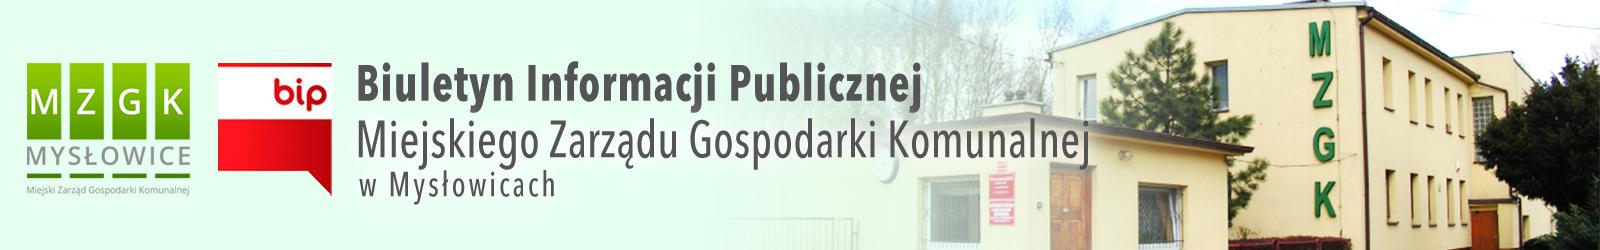 BIP Miejskiego Zarządu Gospodarki Komunalnej w Mysłowicach